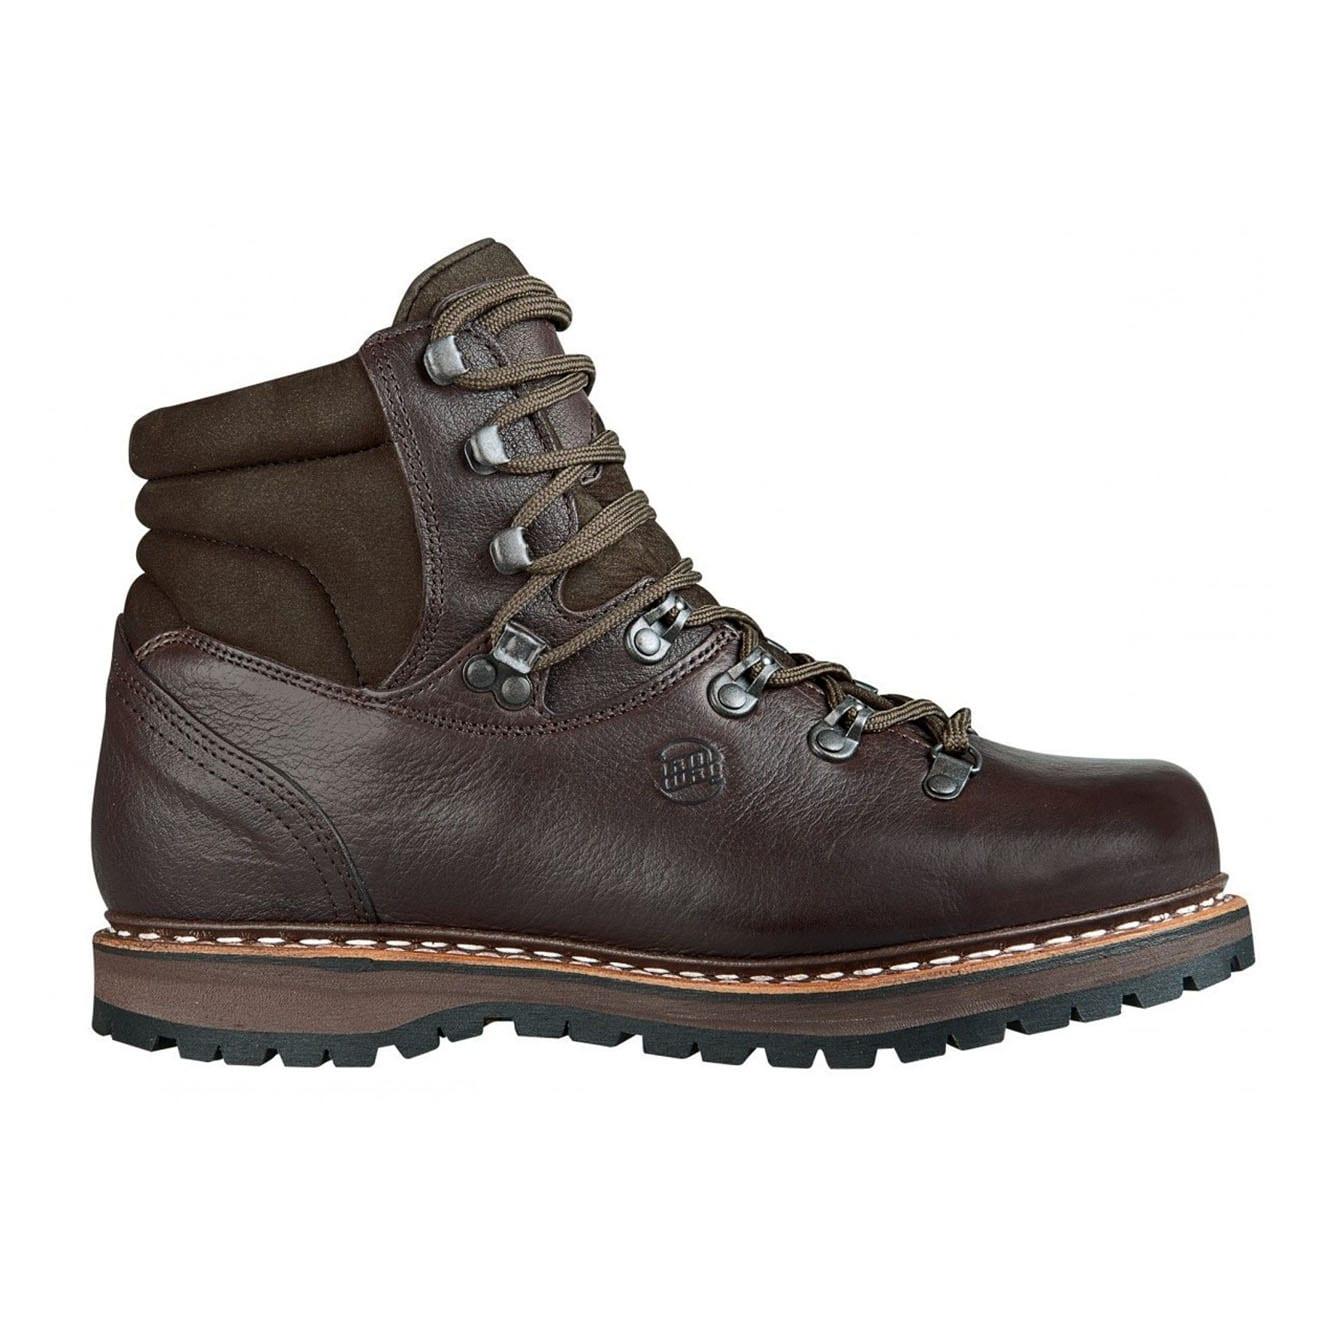 Hanwag Tashi Walking Boots Marone Chestnut